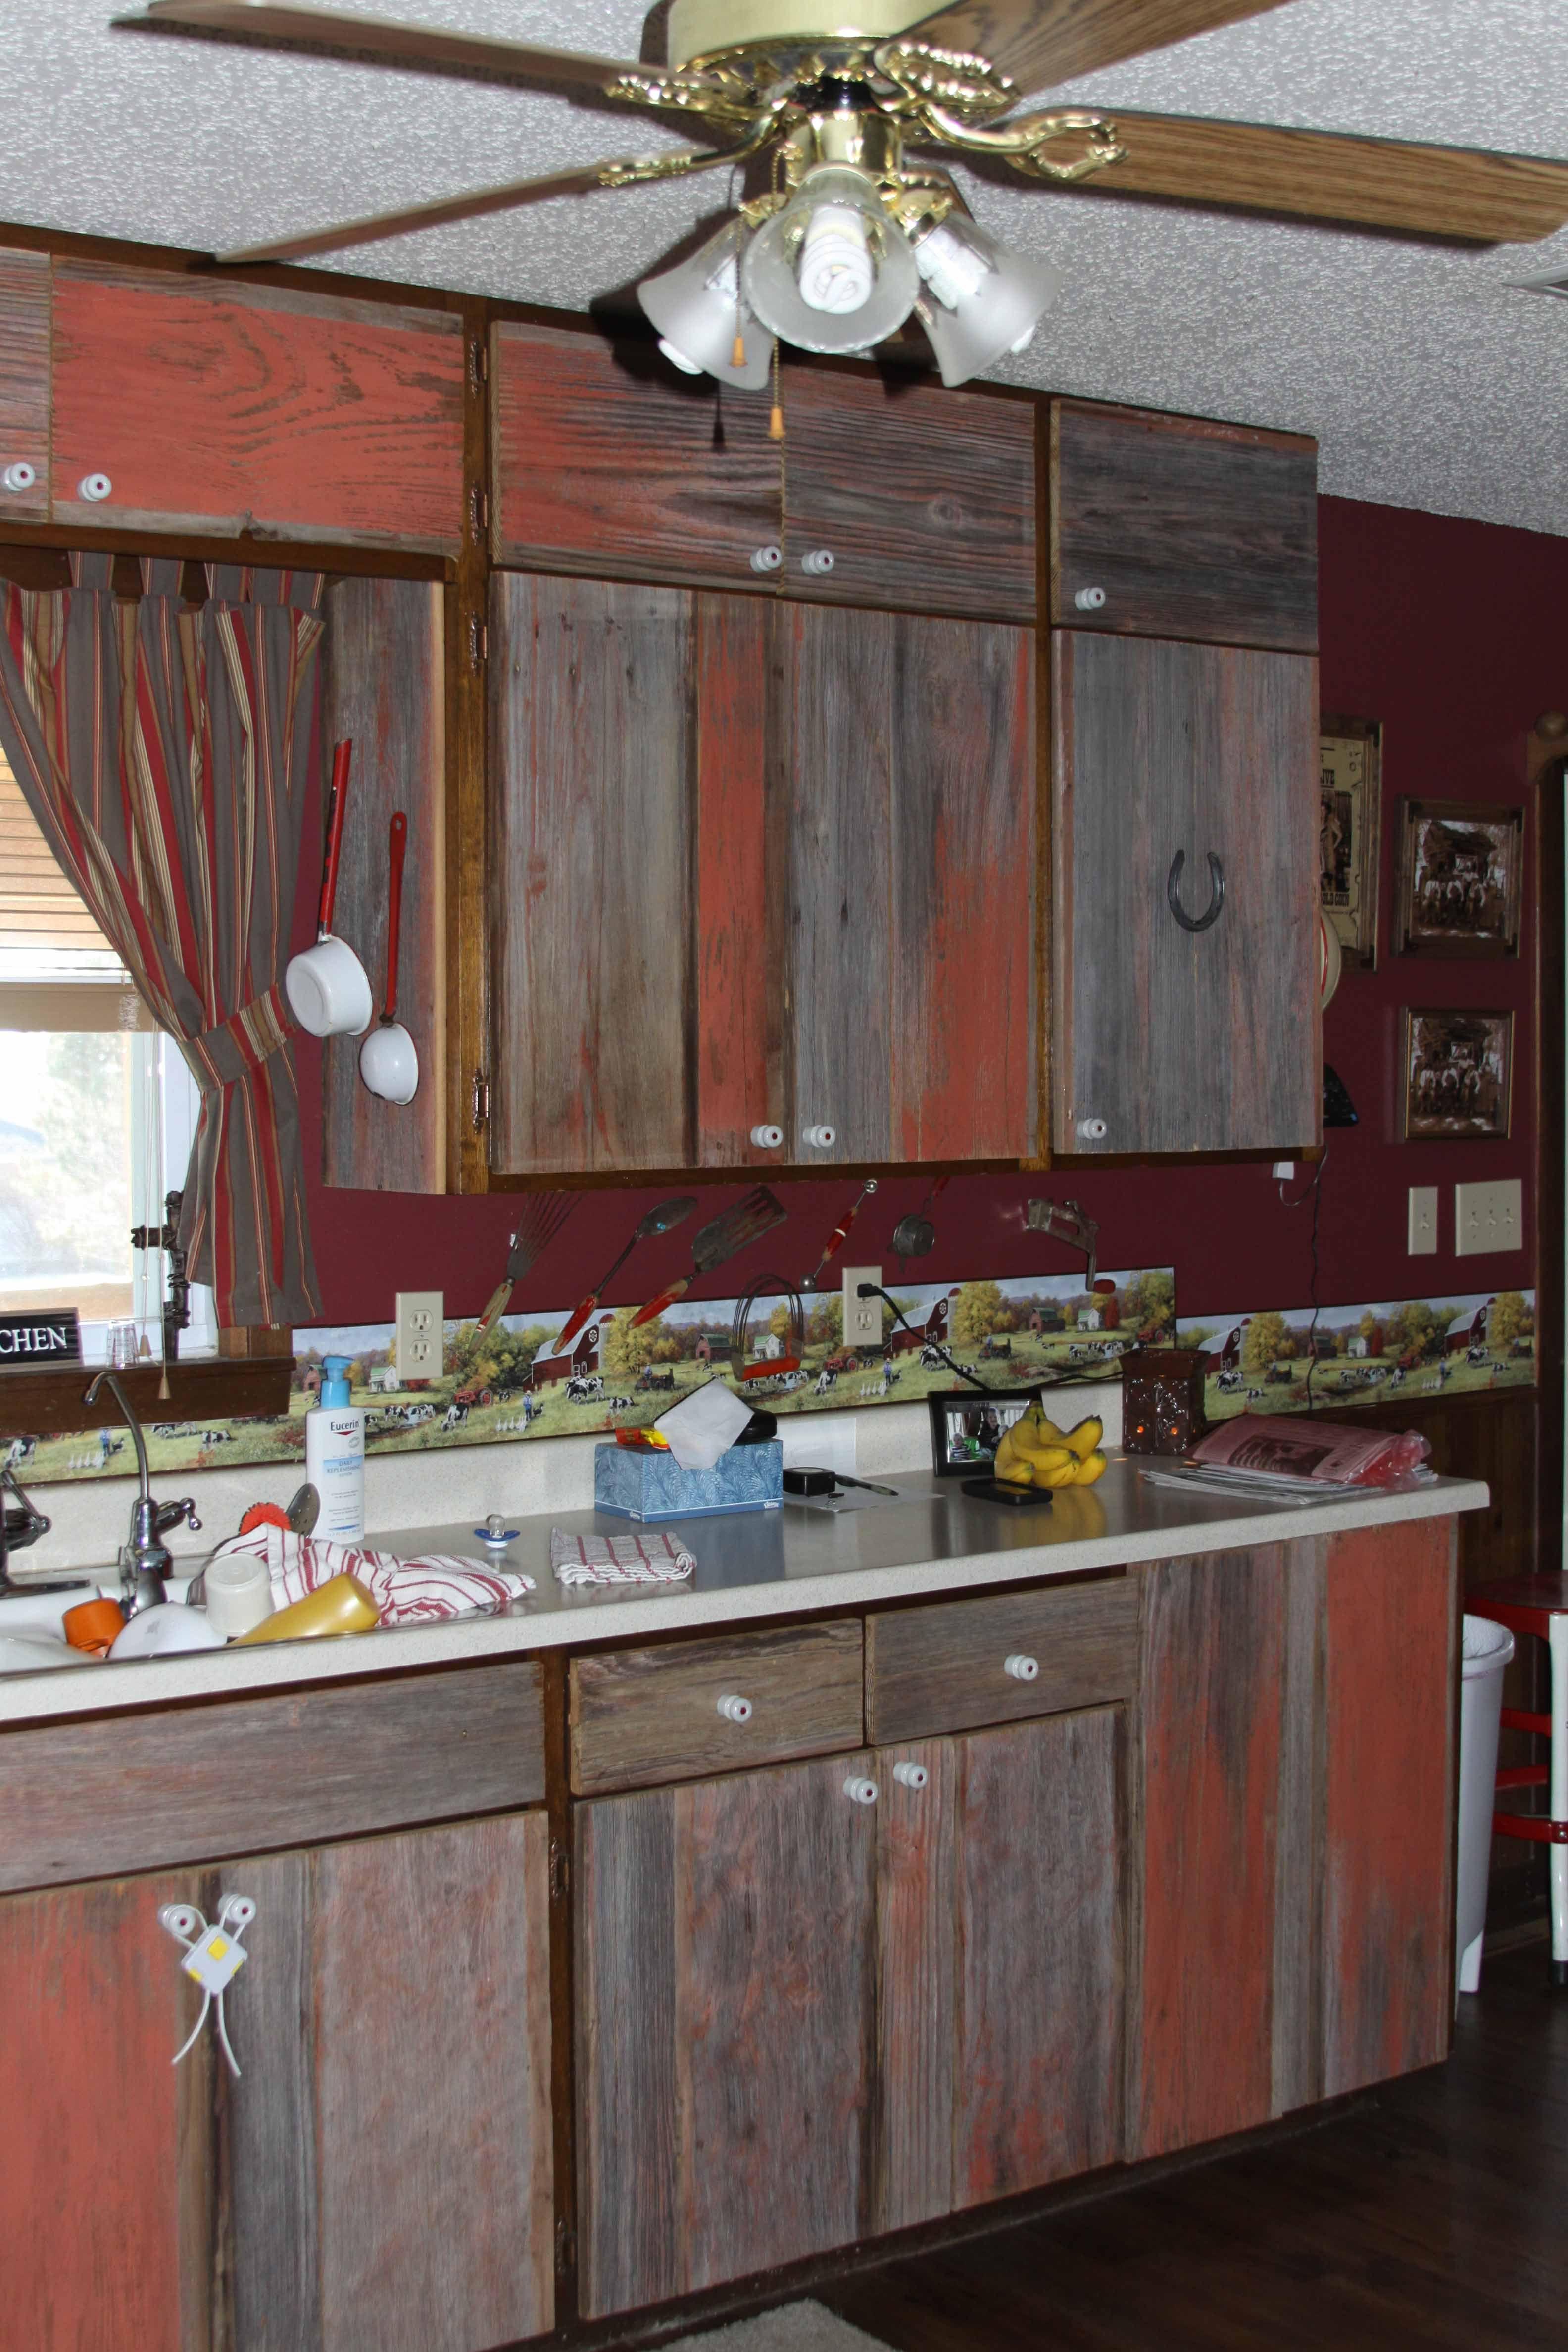 Barn board doors with images barn board